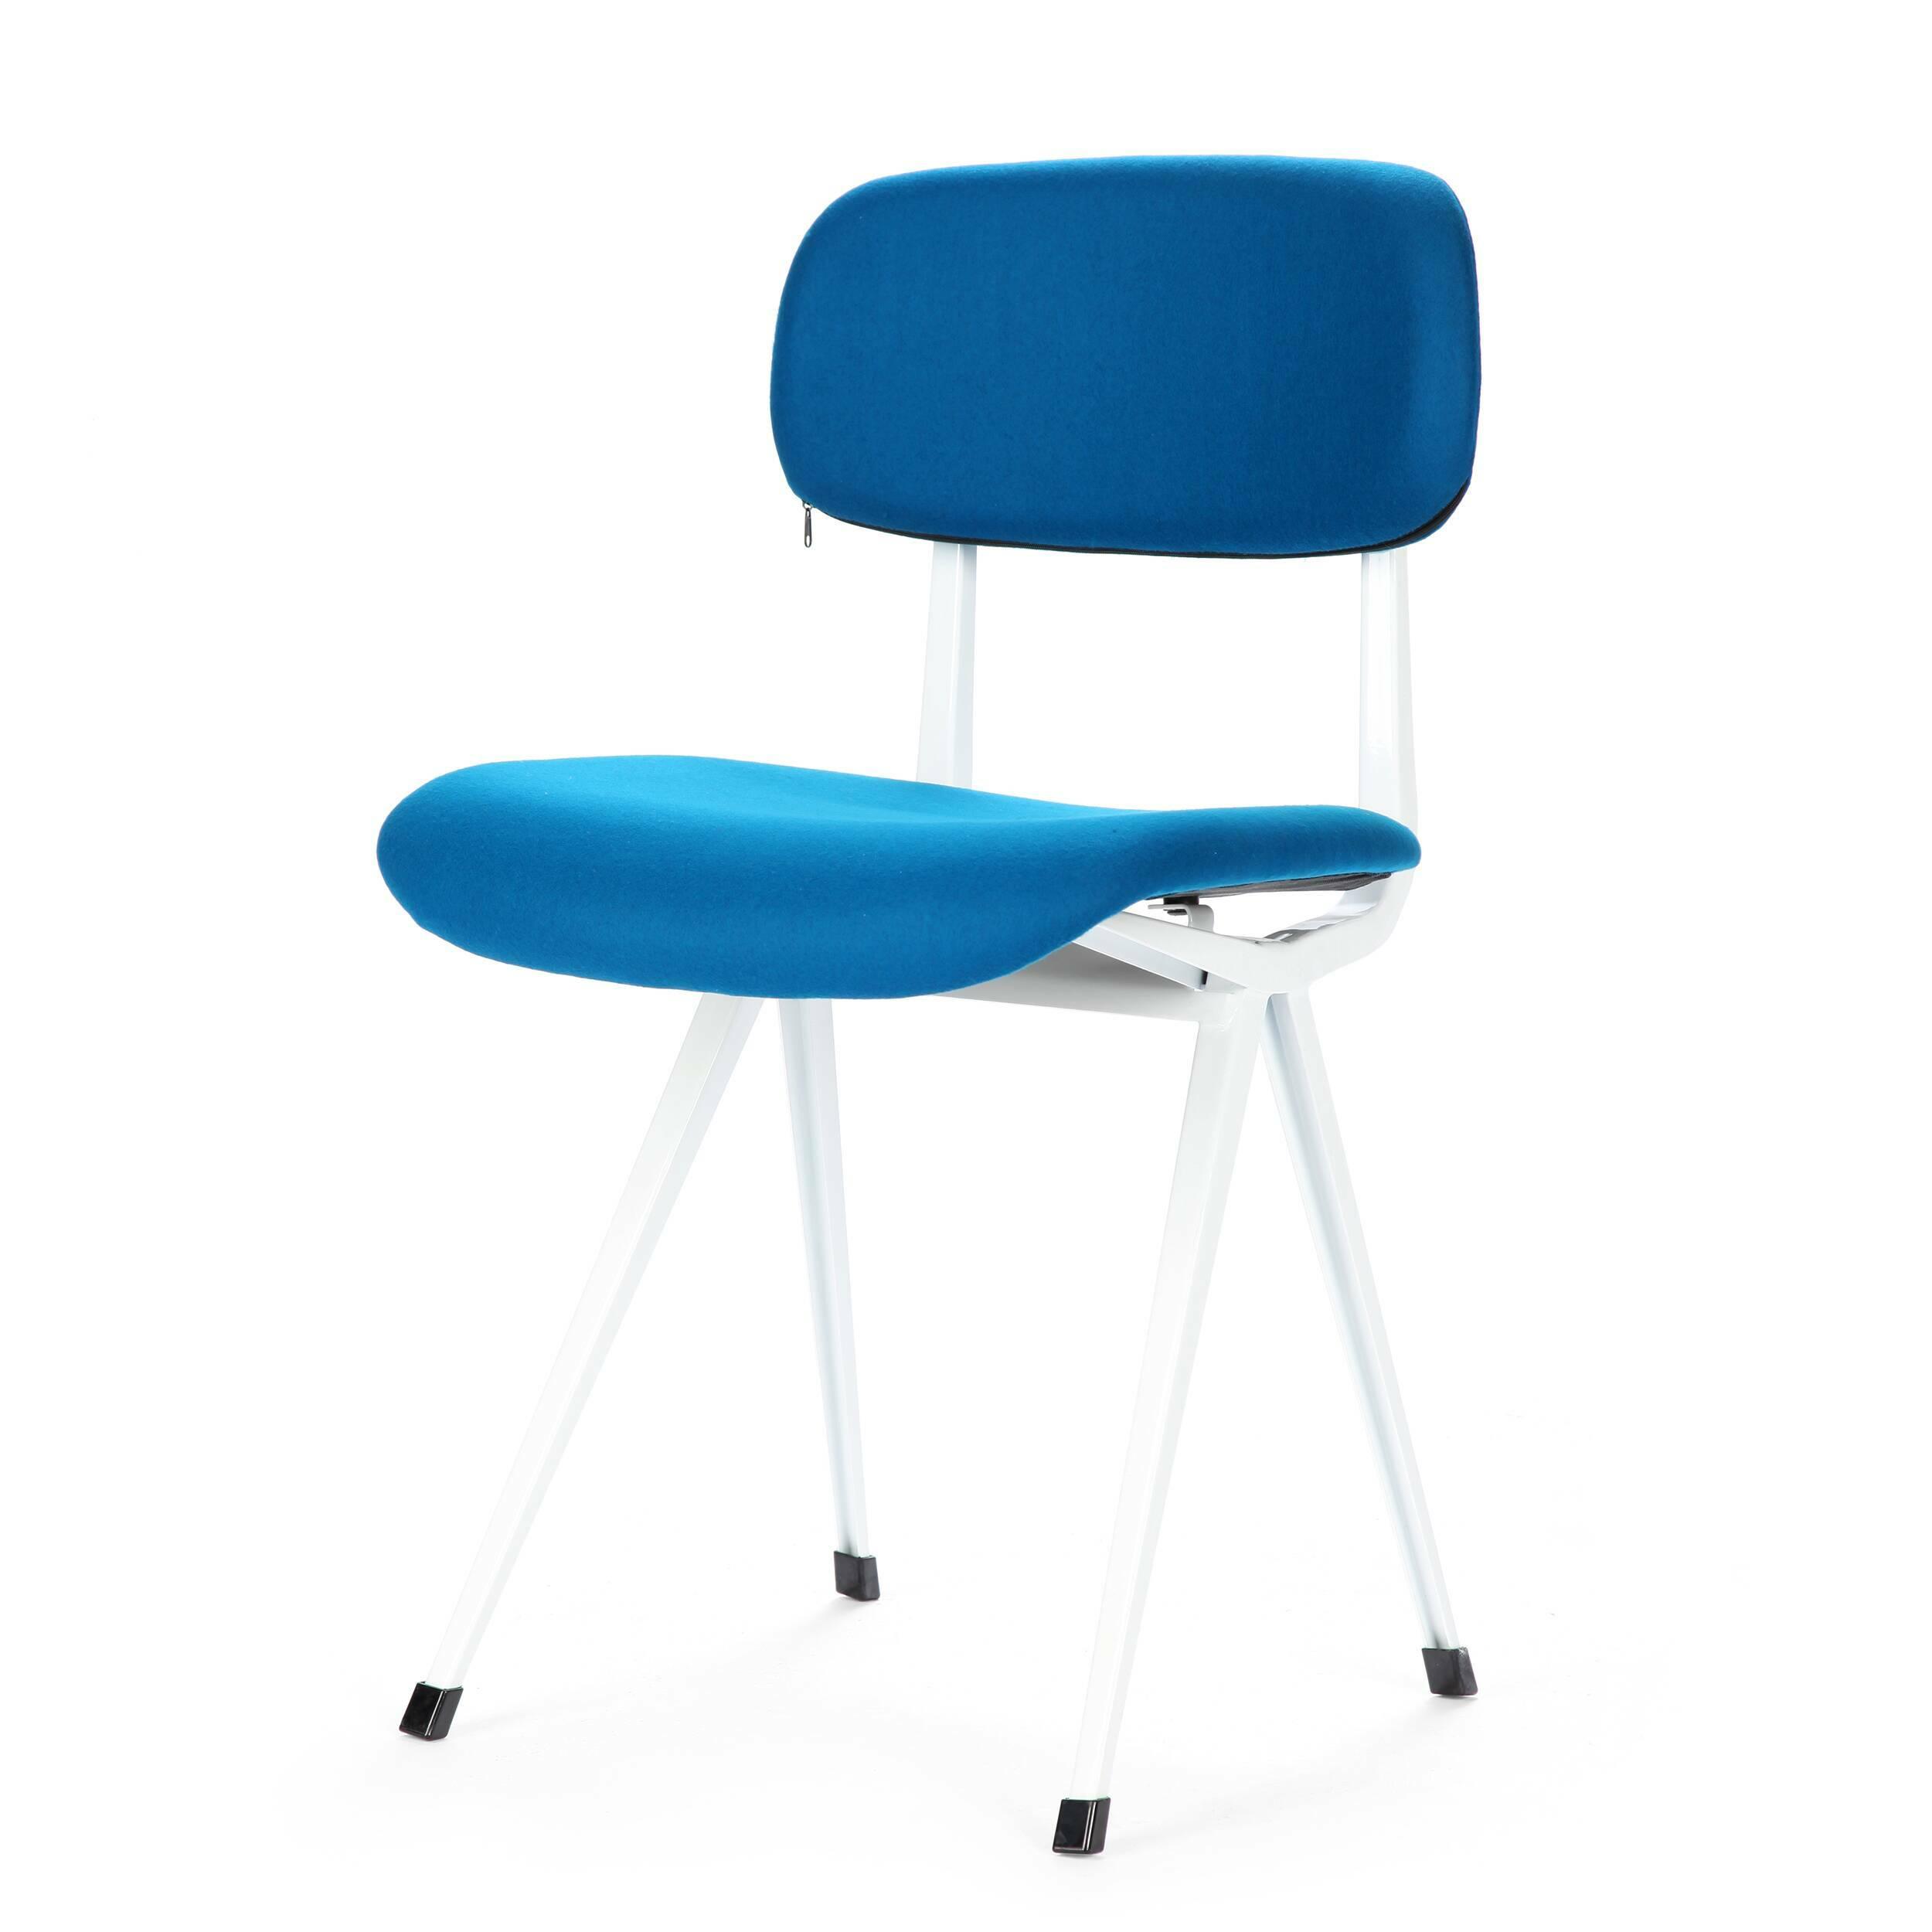 Стул MadewellИнтерьерные<br>Дизайнерский яркий темно-синий стул Madewell (Мэдвел) с тканевой обивкой на стальном каркасе от Cosmo (Космо).<br><br>stock: 9<br>Высота: 80<br>Ширина: 48<br>Глубина: 46<br>Тип материала каркаса: Сталь<br>Цвет сидения: Темно-синий<br>Тип материала сидения: Ткань<br>Цвет каркаса: Белый